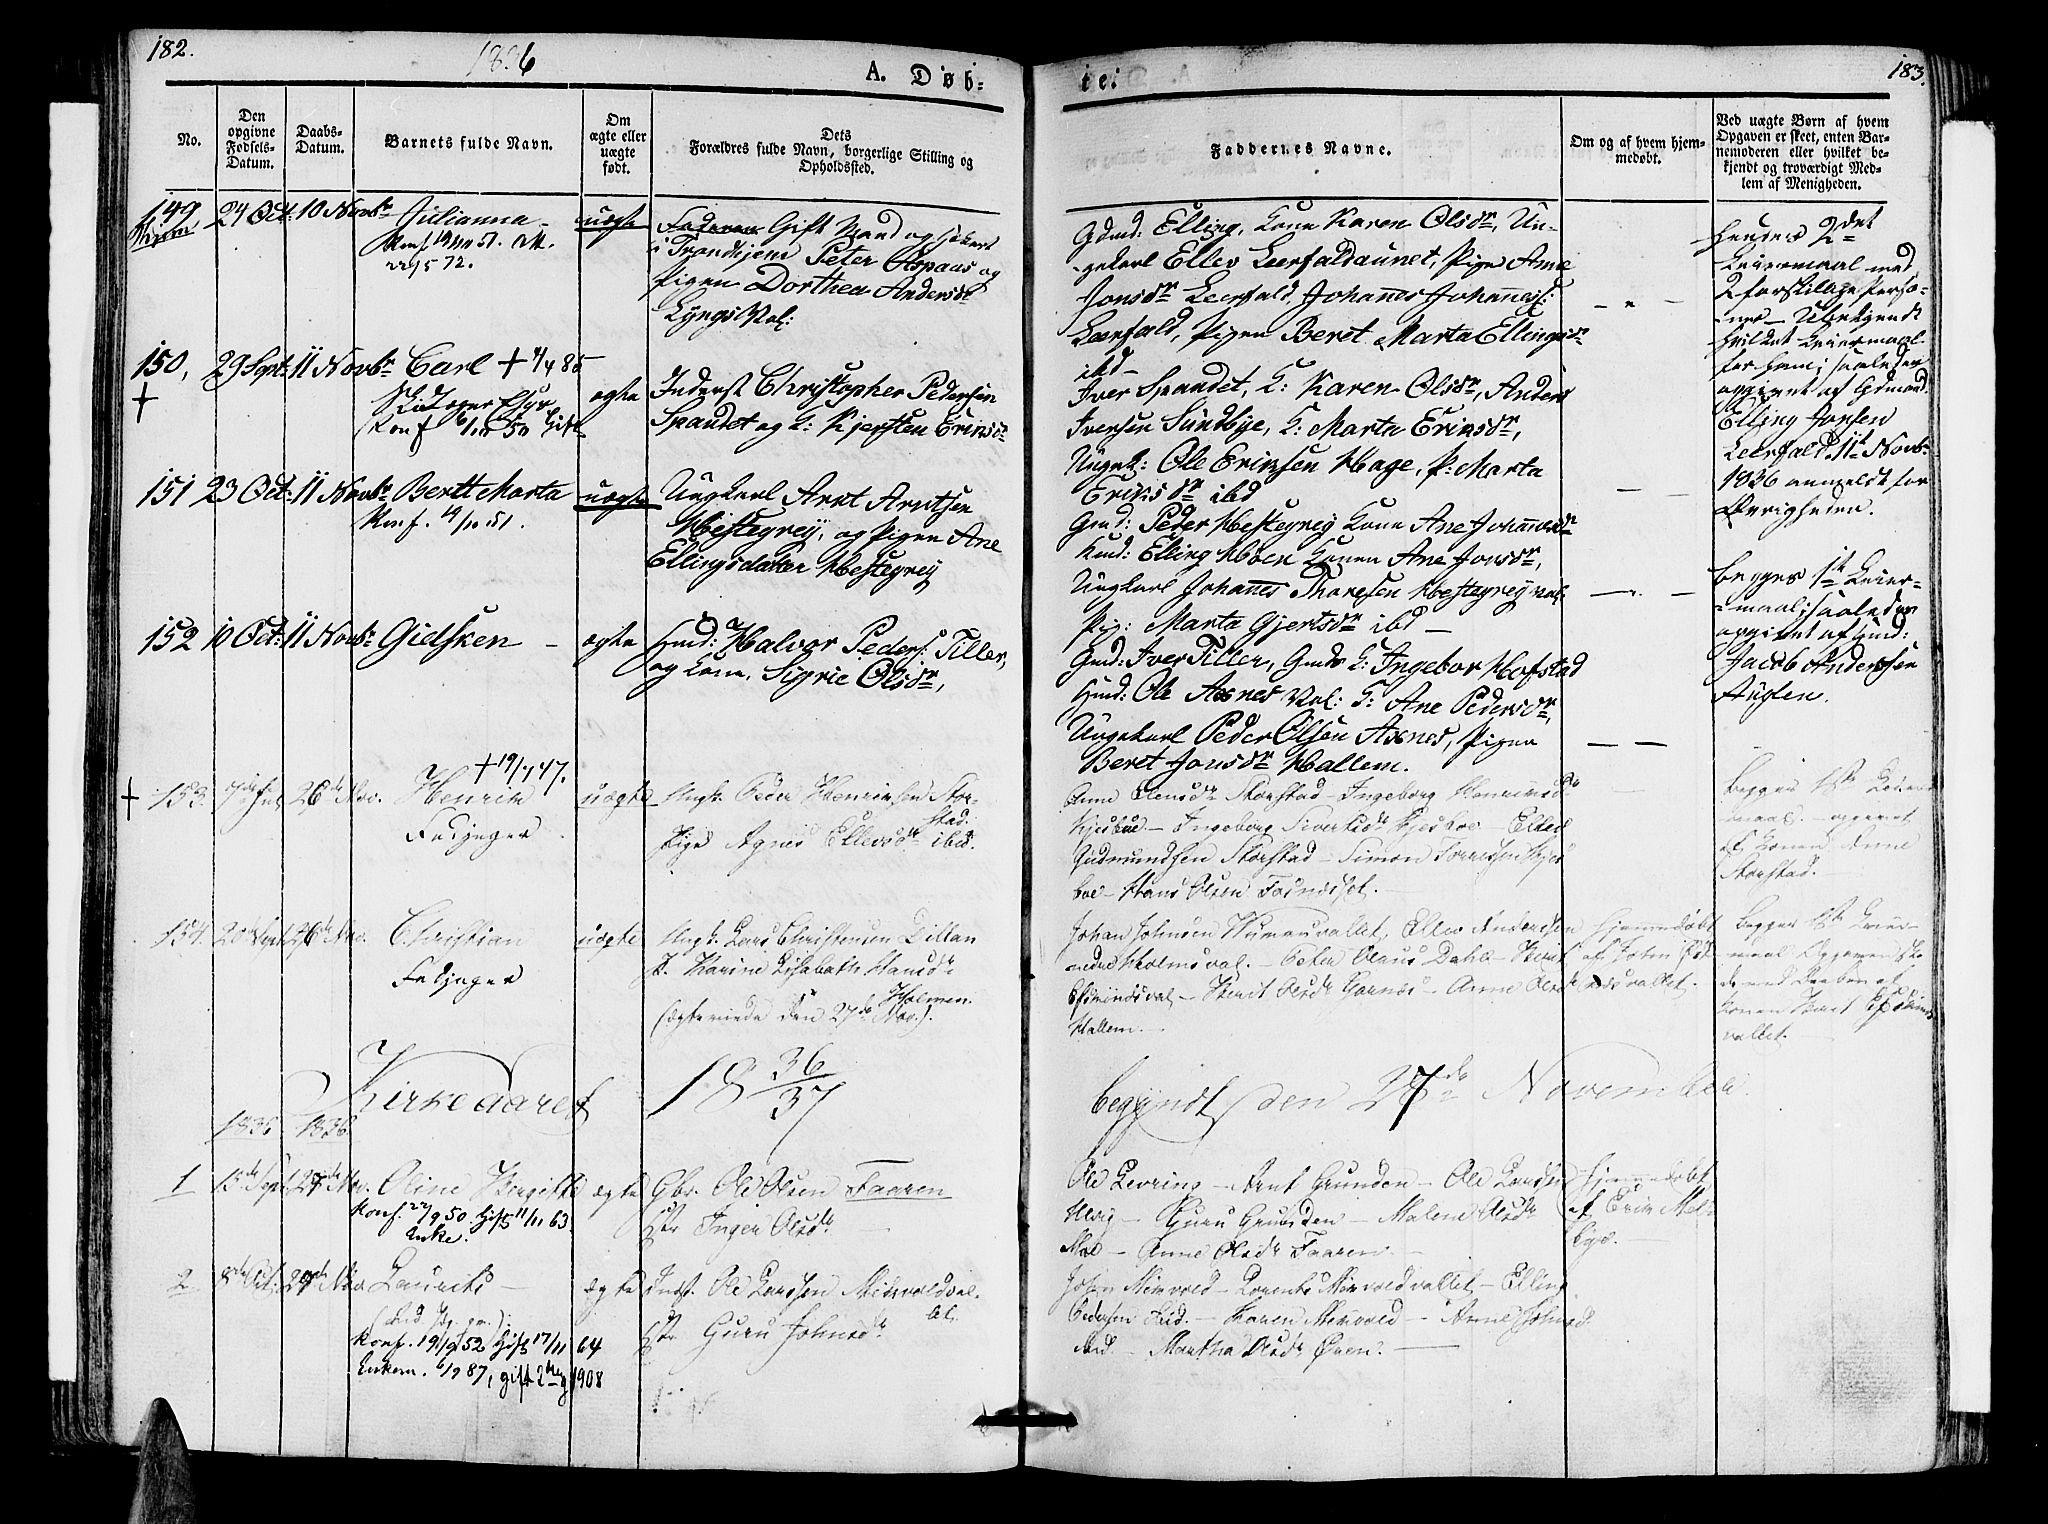 SAT, Ministerialprotokoller, klokkerbøker og fødselsregistre - Nord-Trøndelag, 723/L0238: Ministerialbok nr. 723A07, 1831-1840, s. 182-183